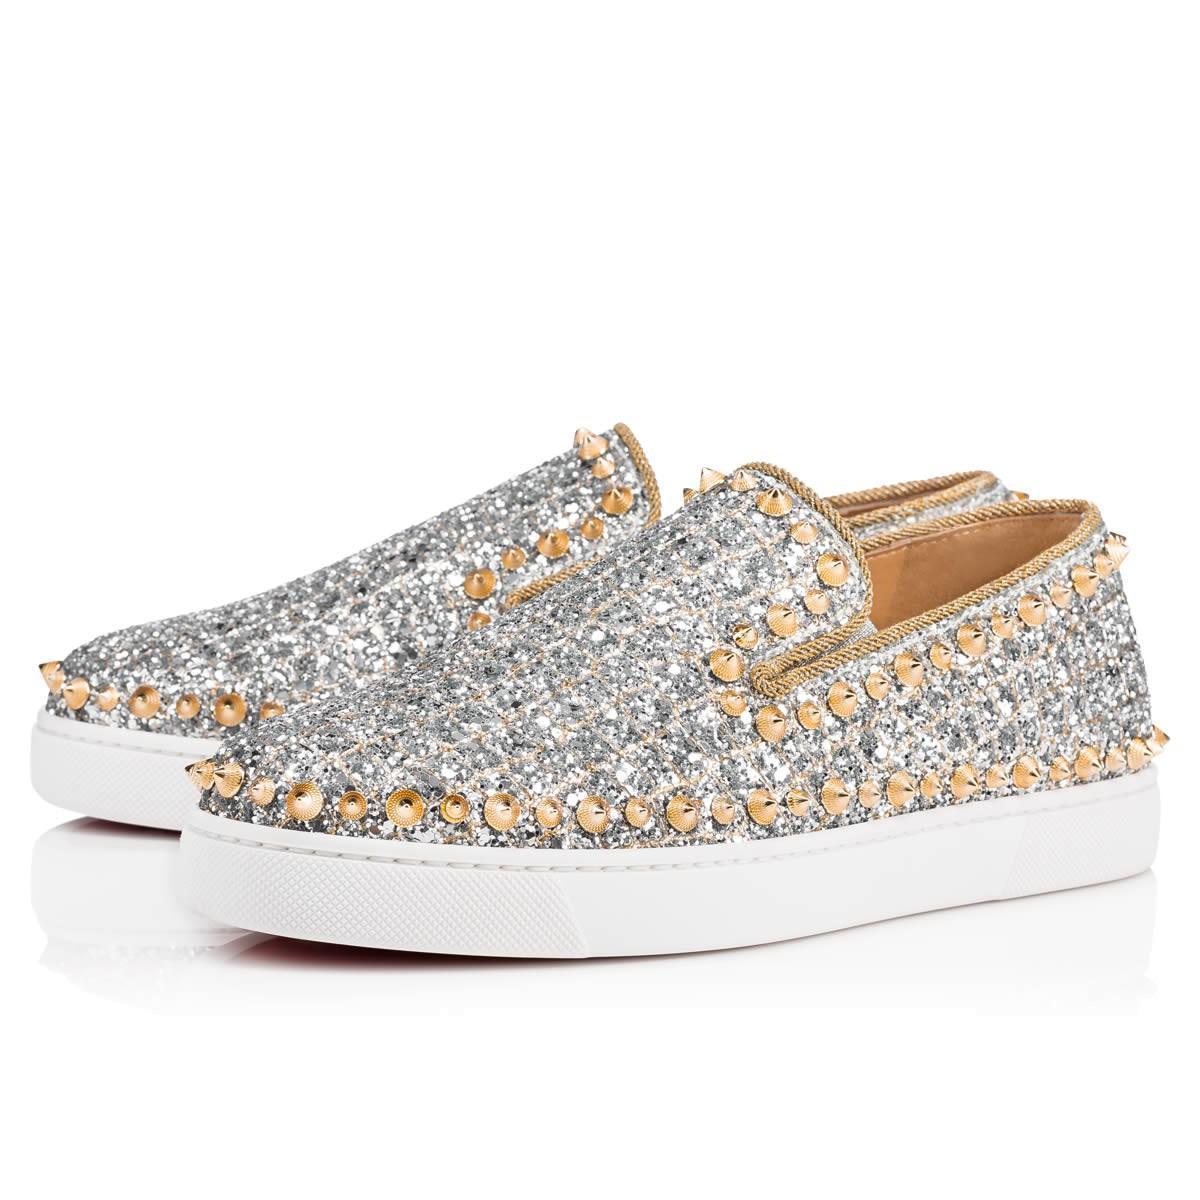 Designer di lusso Red fannulloni per gli uomini il cuoio genuino Slip On scarpe piattaforma casuale delle scarpe da tennis della festa nuziale della Flats Shoes Men 7gfe